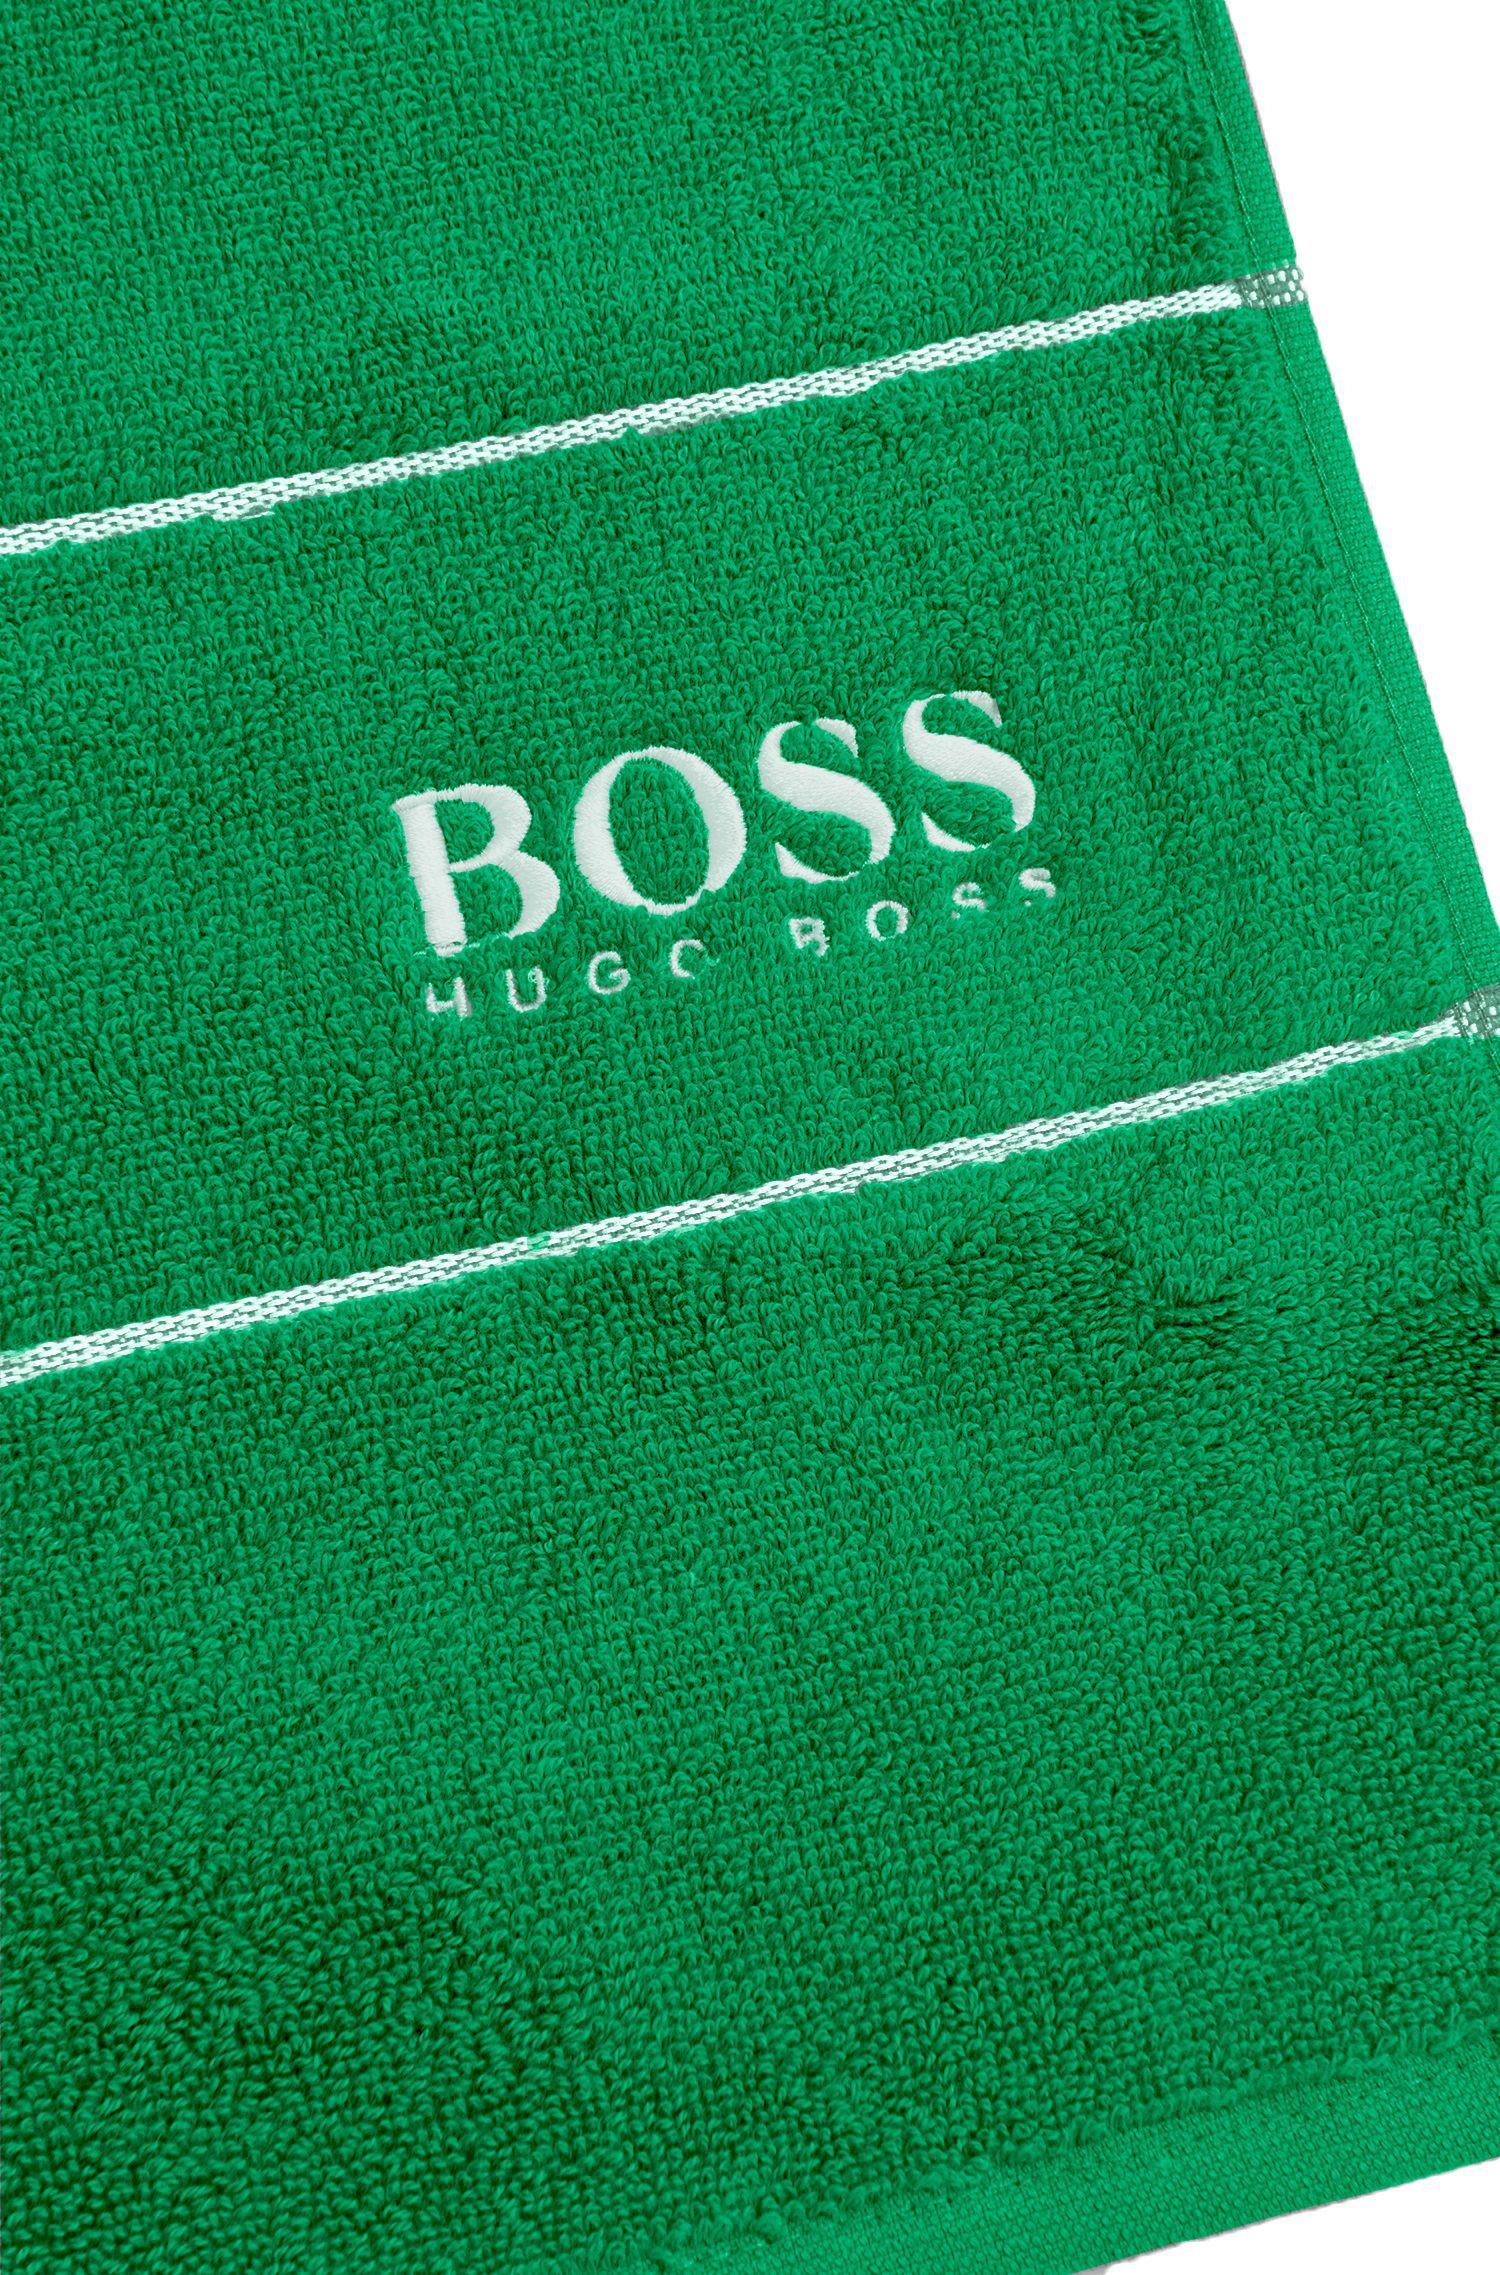 Serviette de toilette pour invité en coton égyptien des plus raffinés avec bordure logo